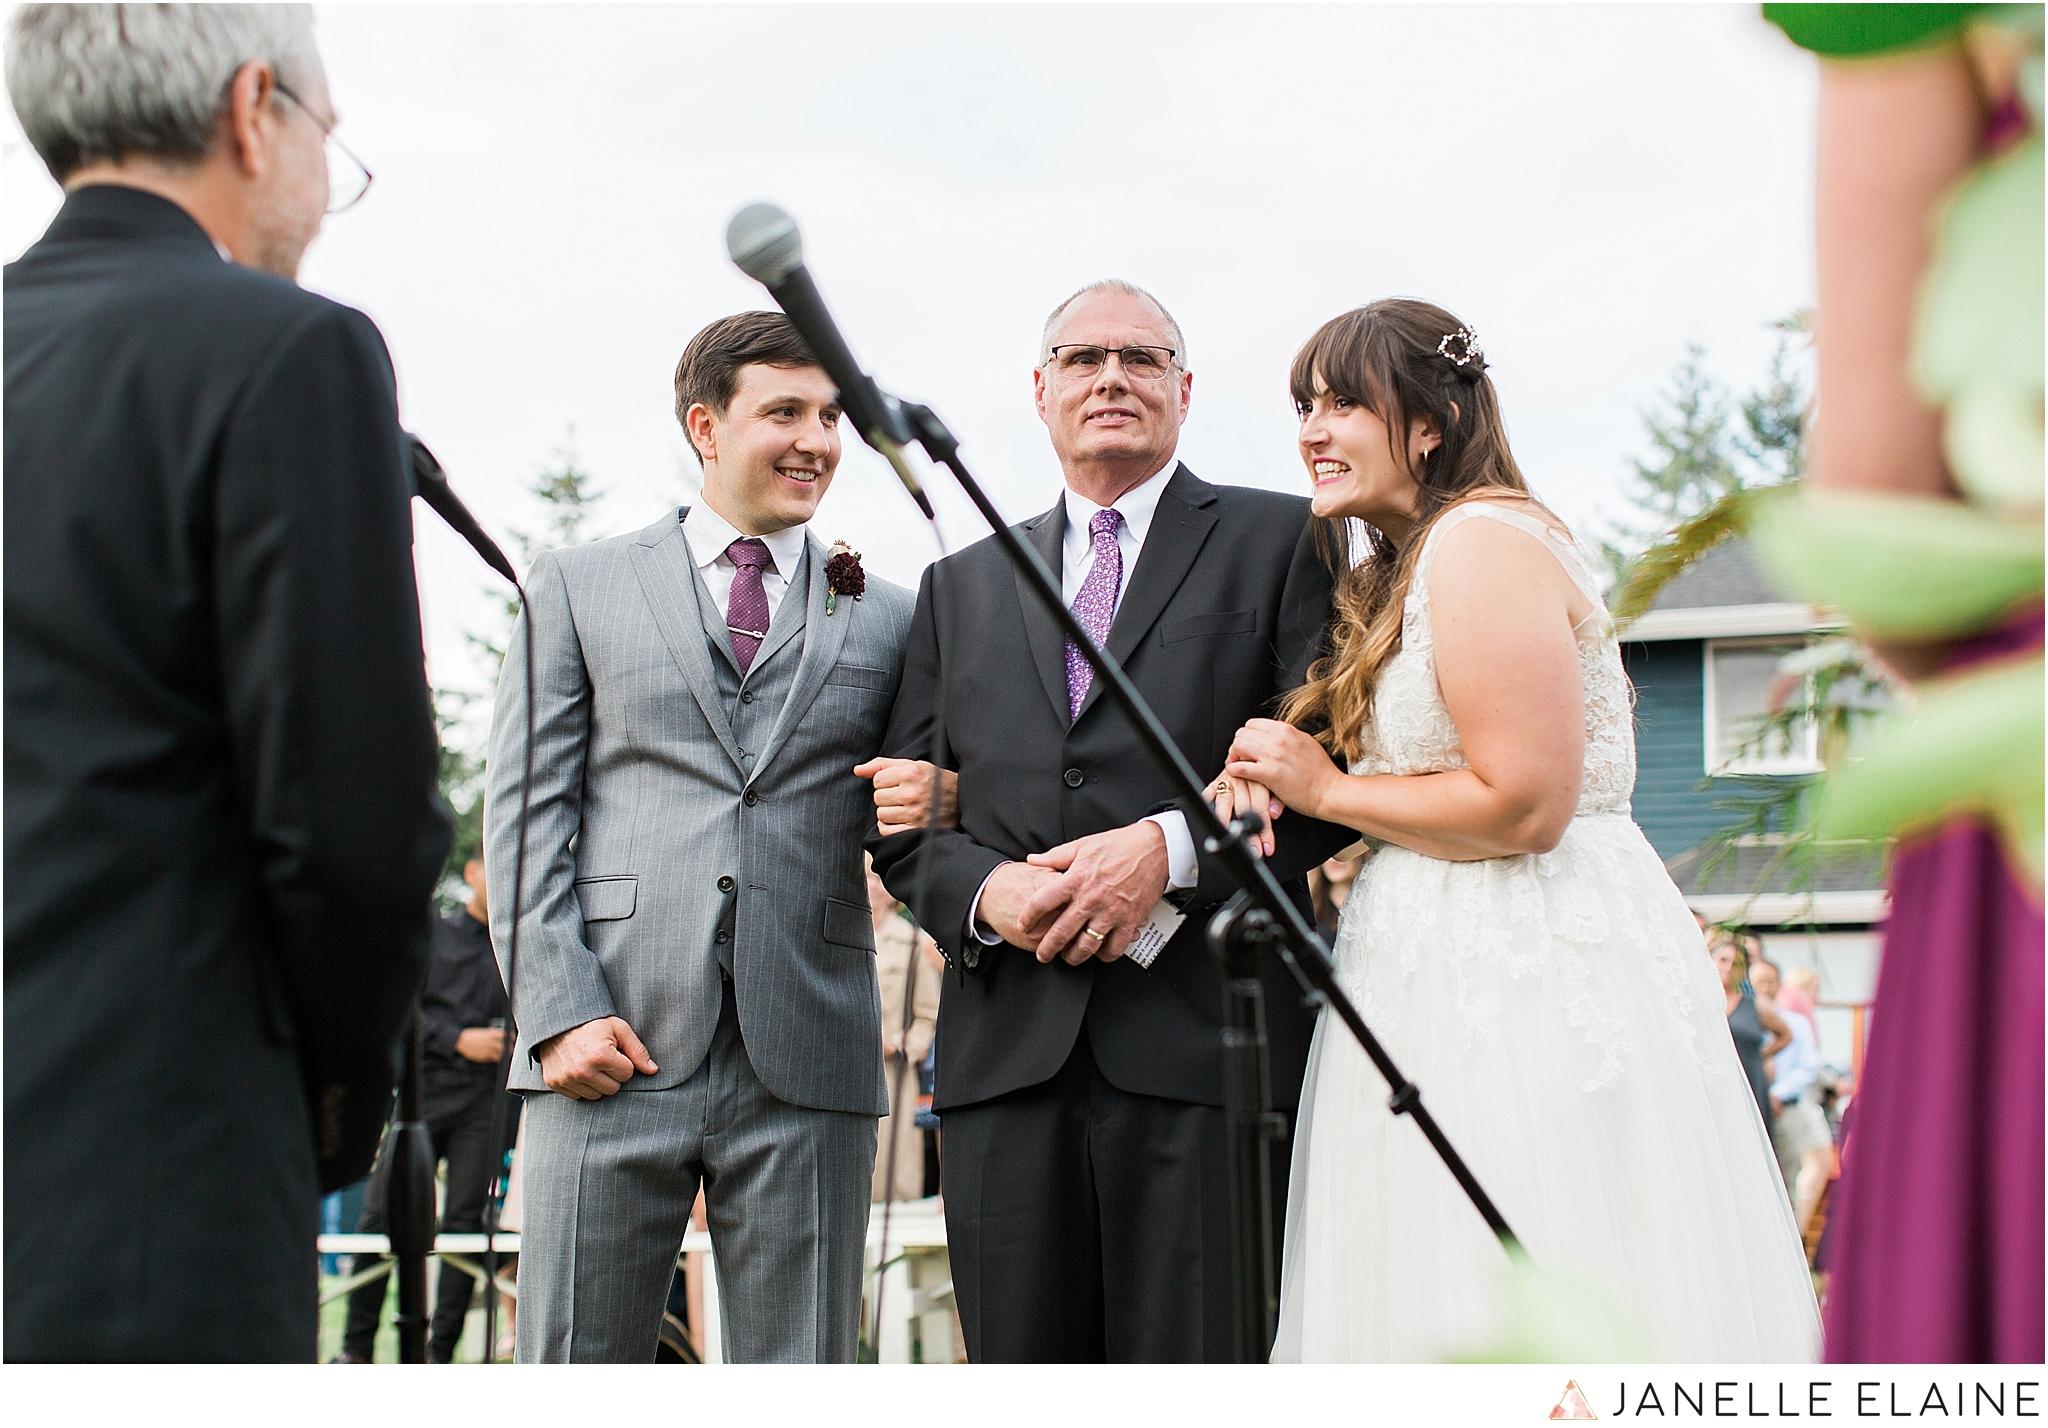 seattle-portrait-engagement-wedding-photographer-janelle-elaine-photography-57.jpg